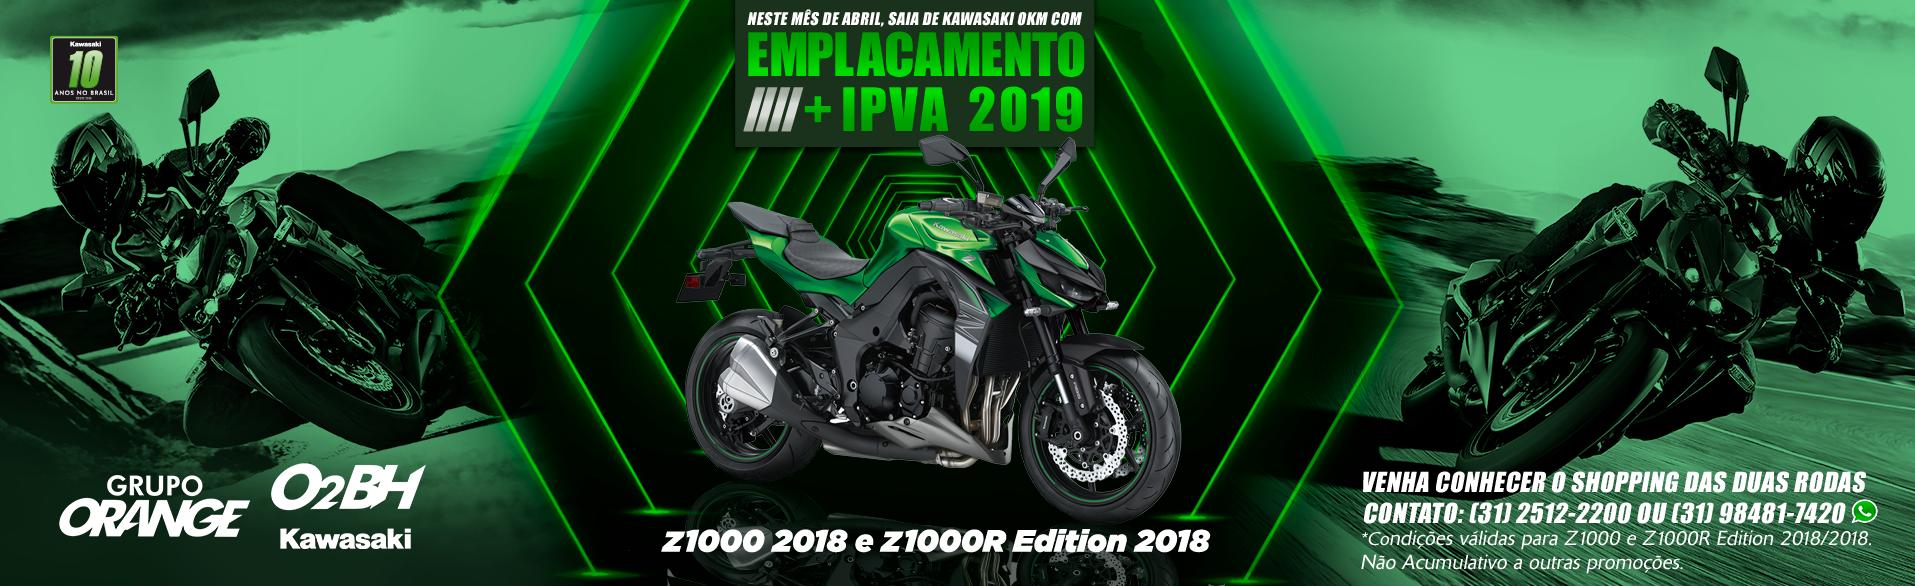 Z1000 e Z1000R Edition